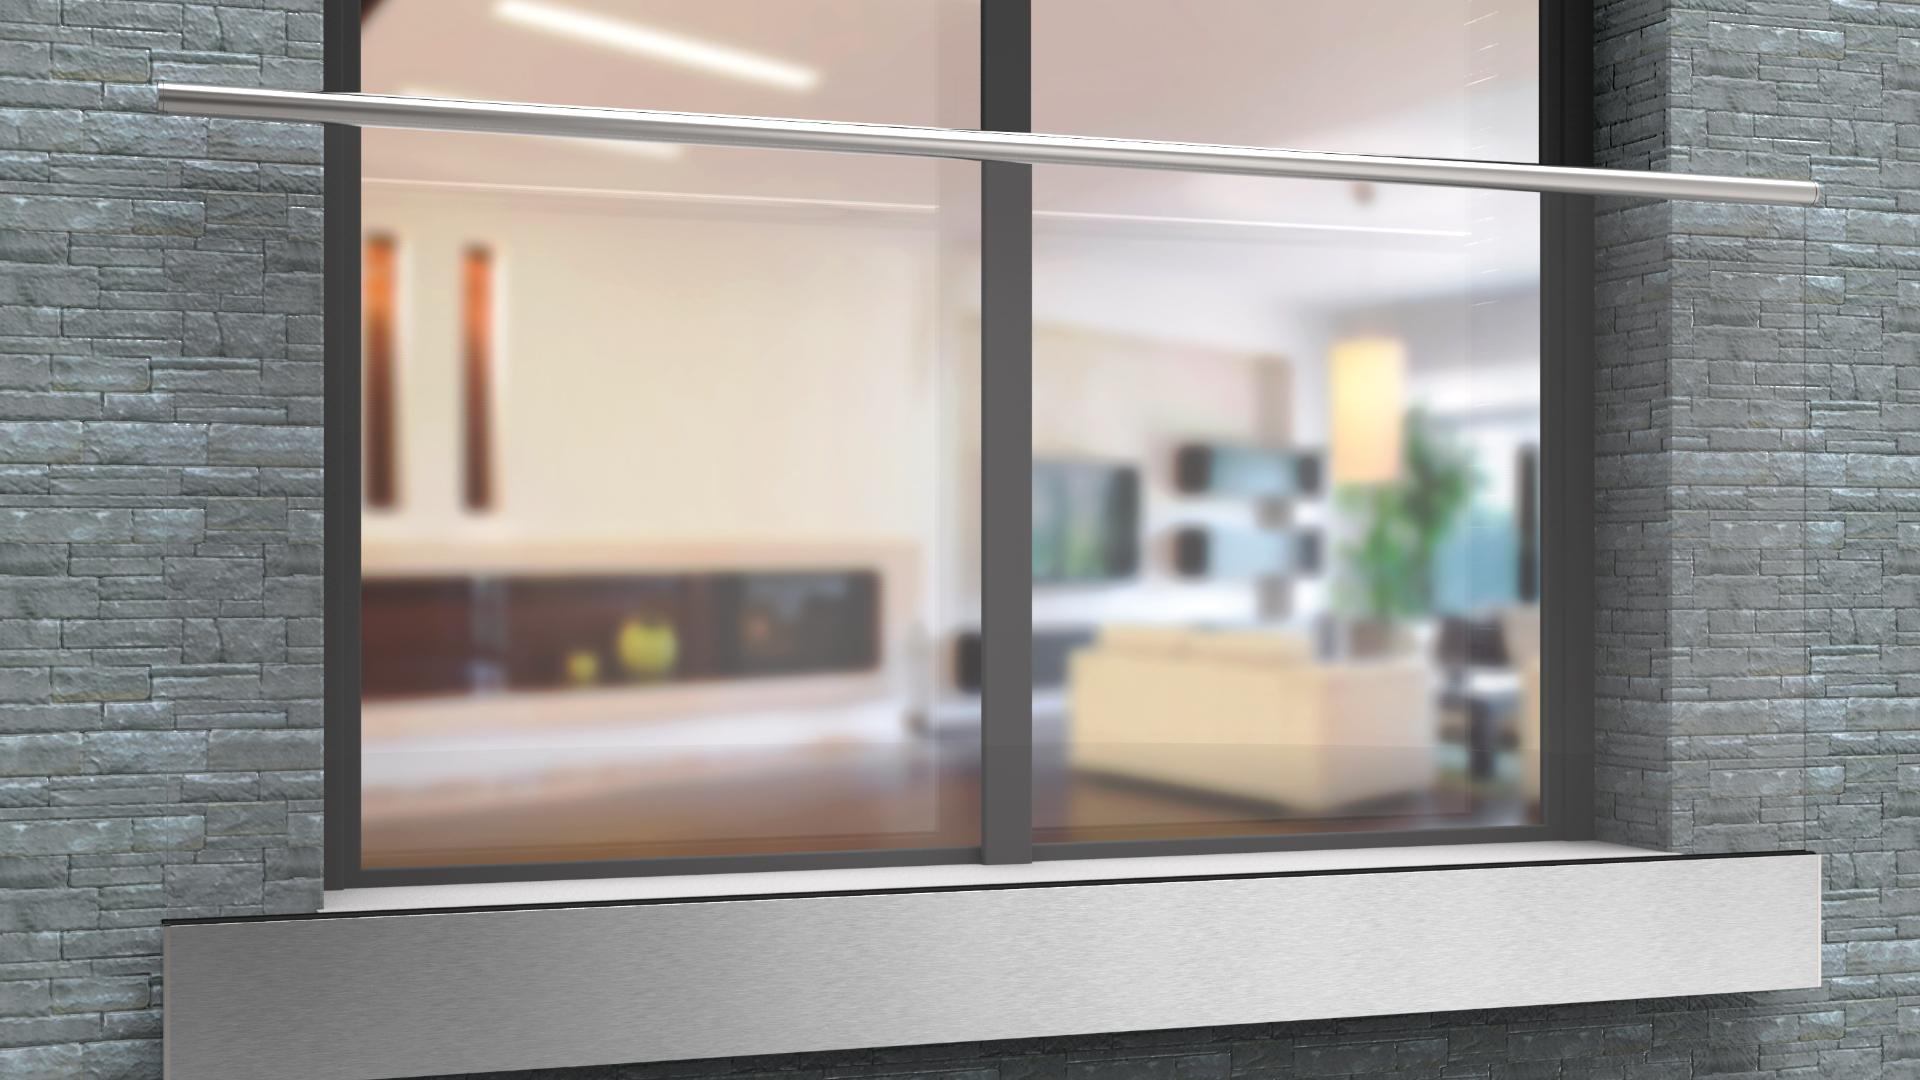 Glasgeländer vor einem Doppelfenster